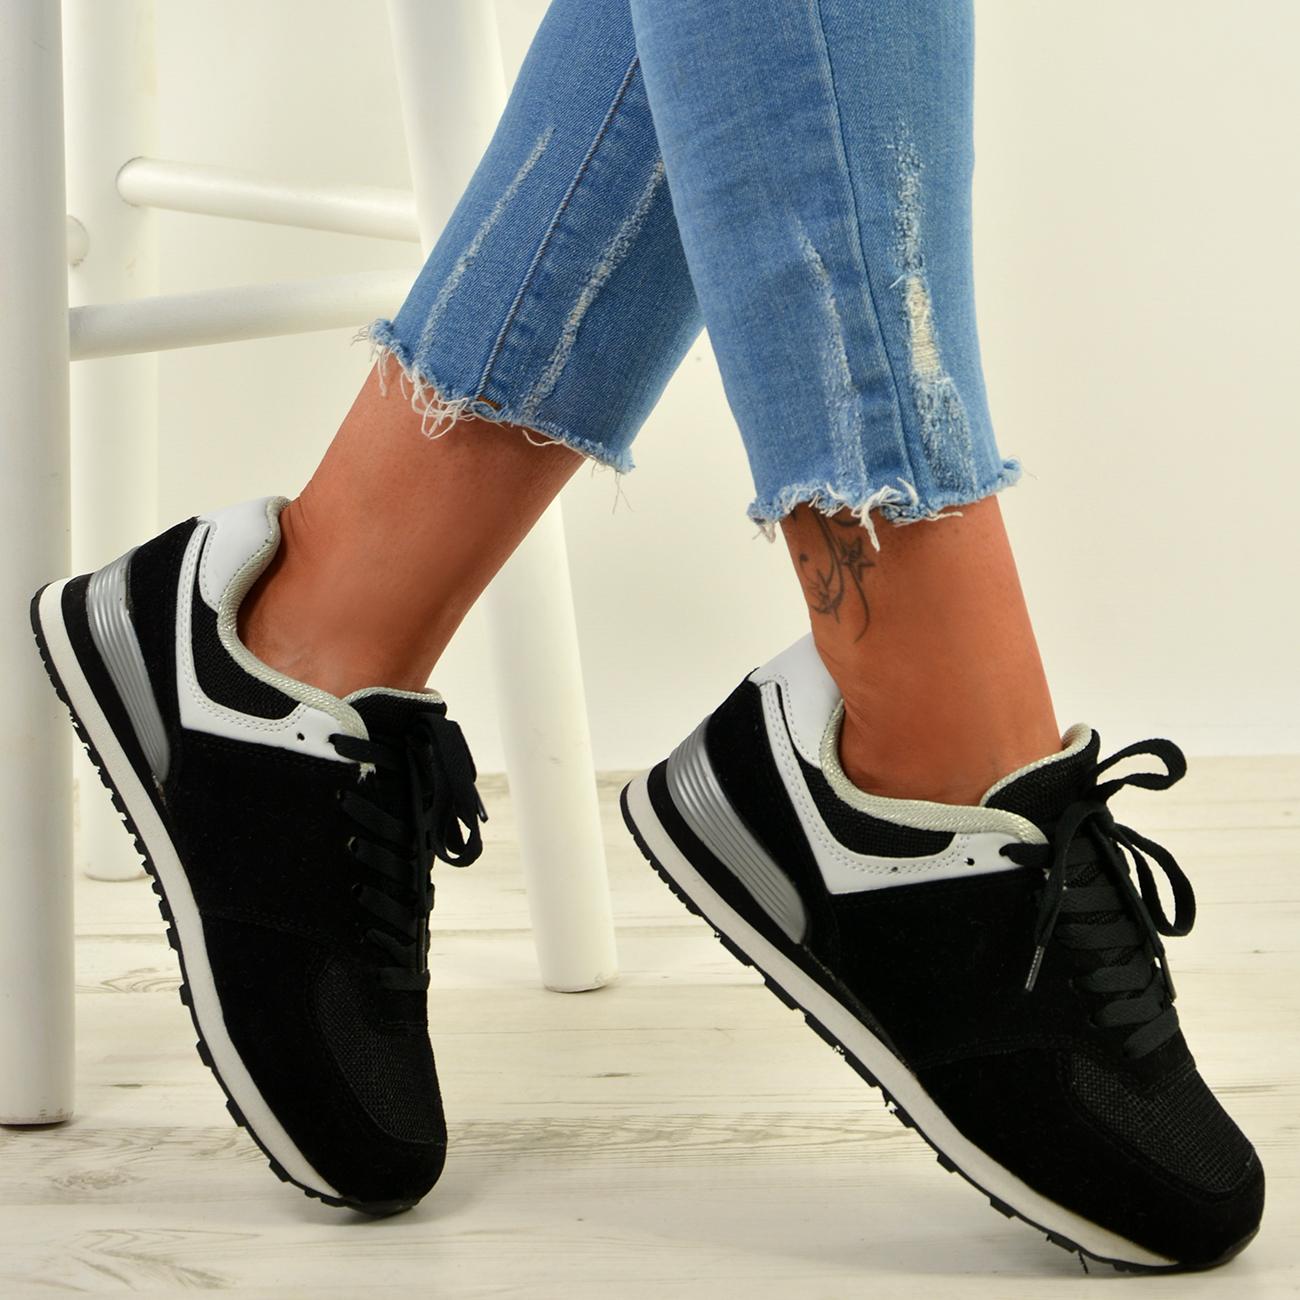 Nuevo-Para-mujeres-Damas-Correr-Gimnasio-con-Cordones-Moda-Tenis-Zapatillas-Zapatos-Talla-Uk